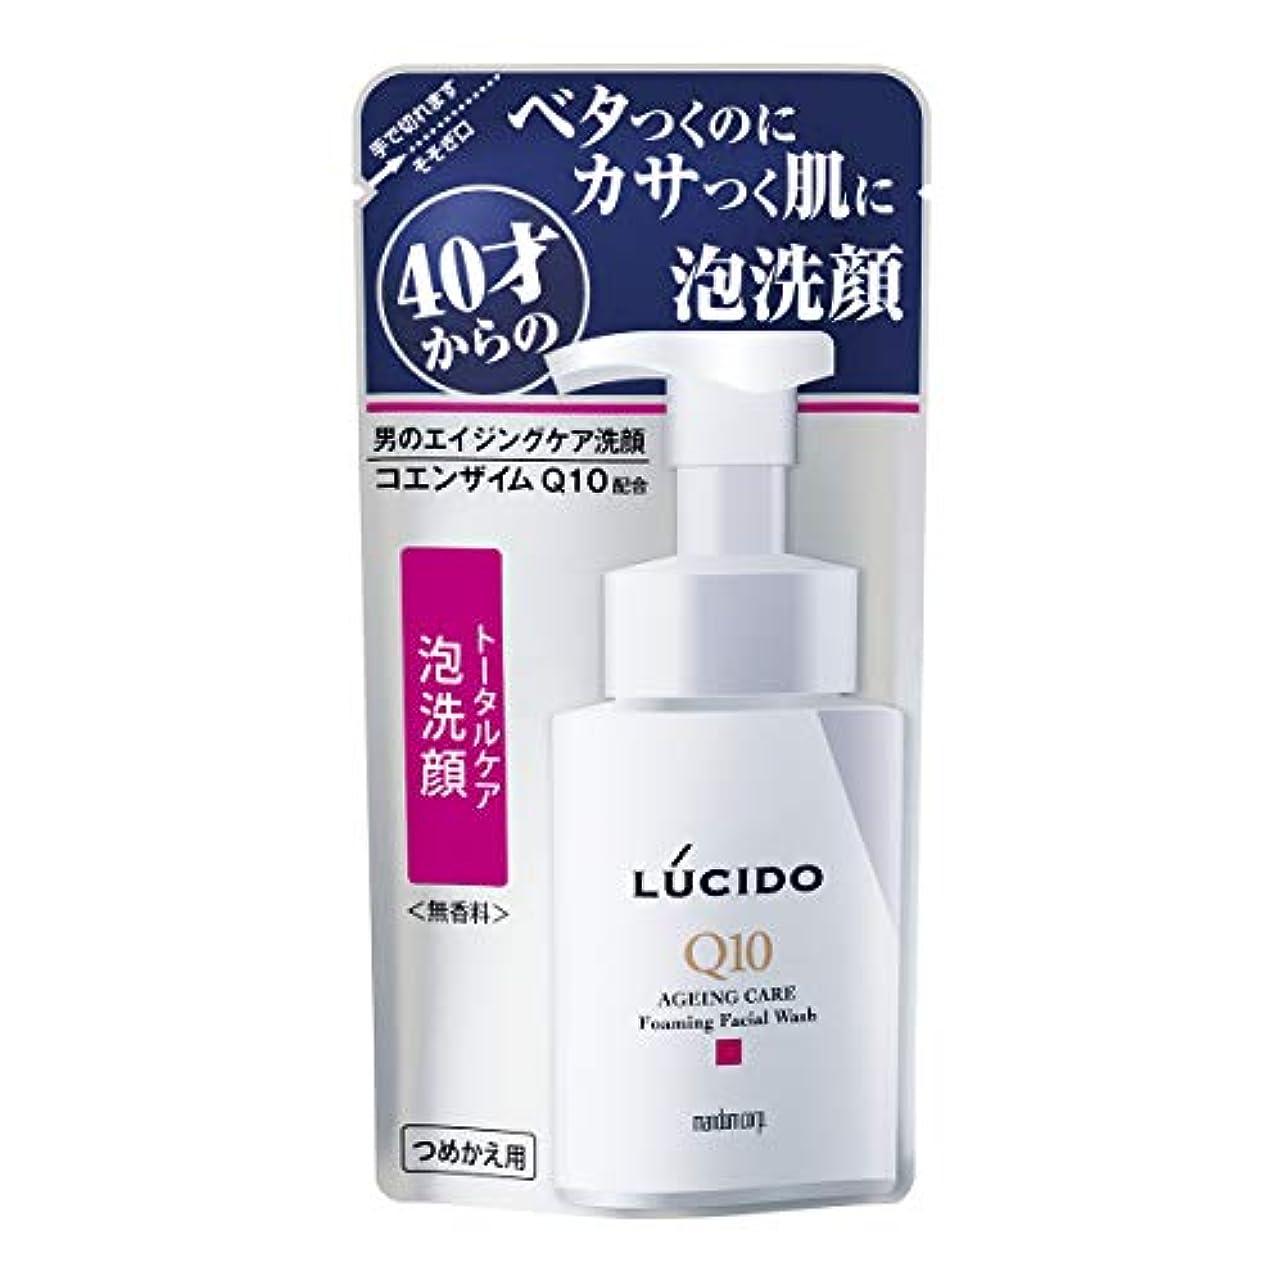 助言するより多い裁定ルシード (LUCIDO) トータルケア泡洗顔 つめかえ用 Q10 130mL